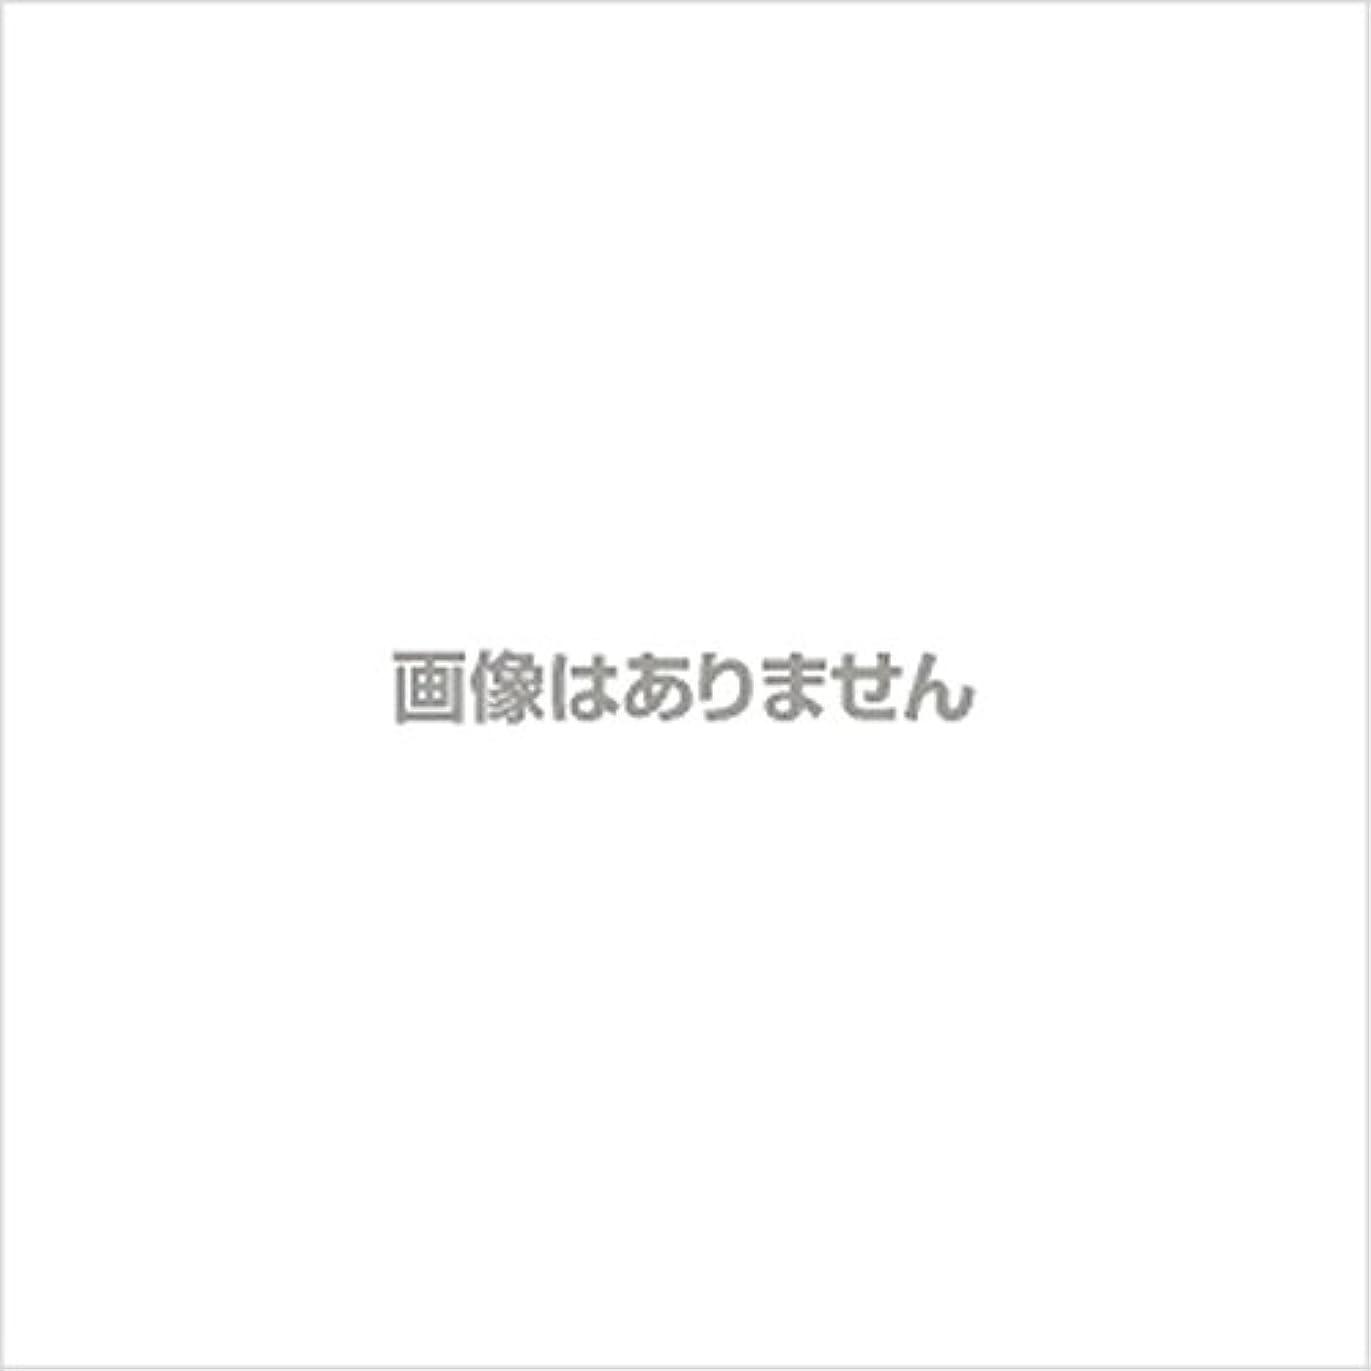 クロールめったに贈り物新発売】EBUKEA エブケアNO1004 プラスチックグローブ(パウダーフリー?粉なし)Mサイズ 100枚入(極薄?半透明)